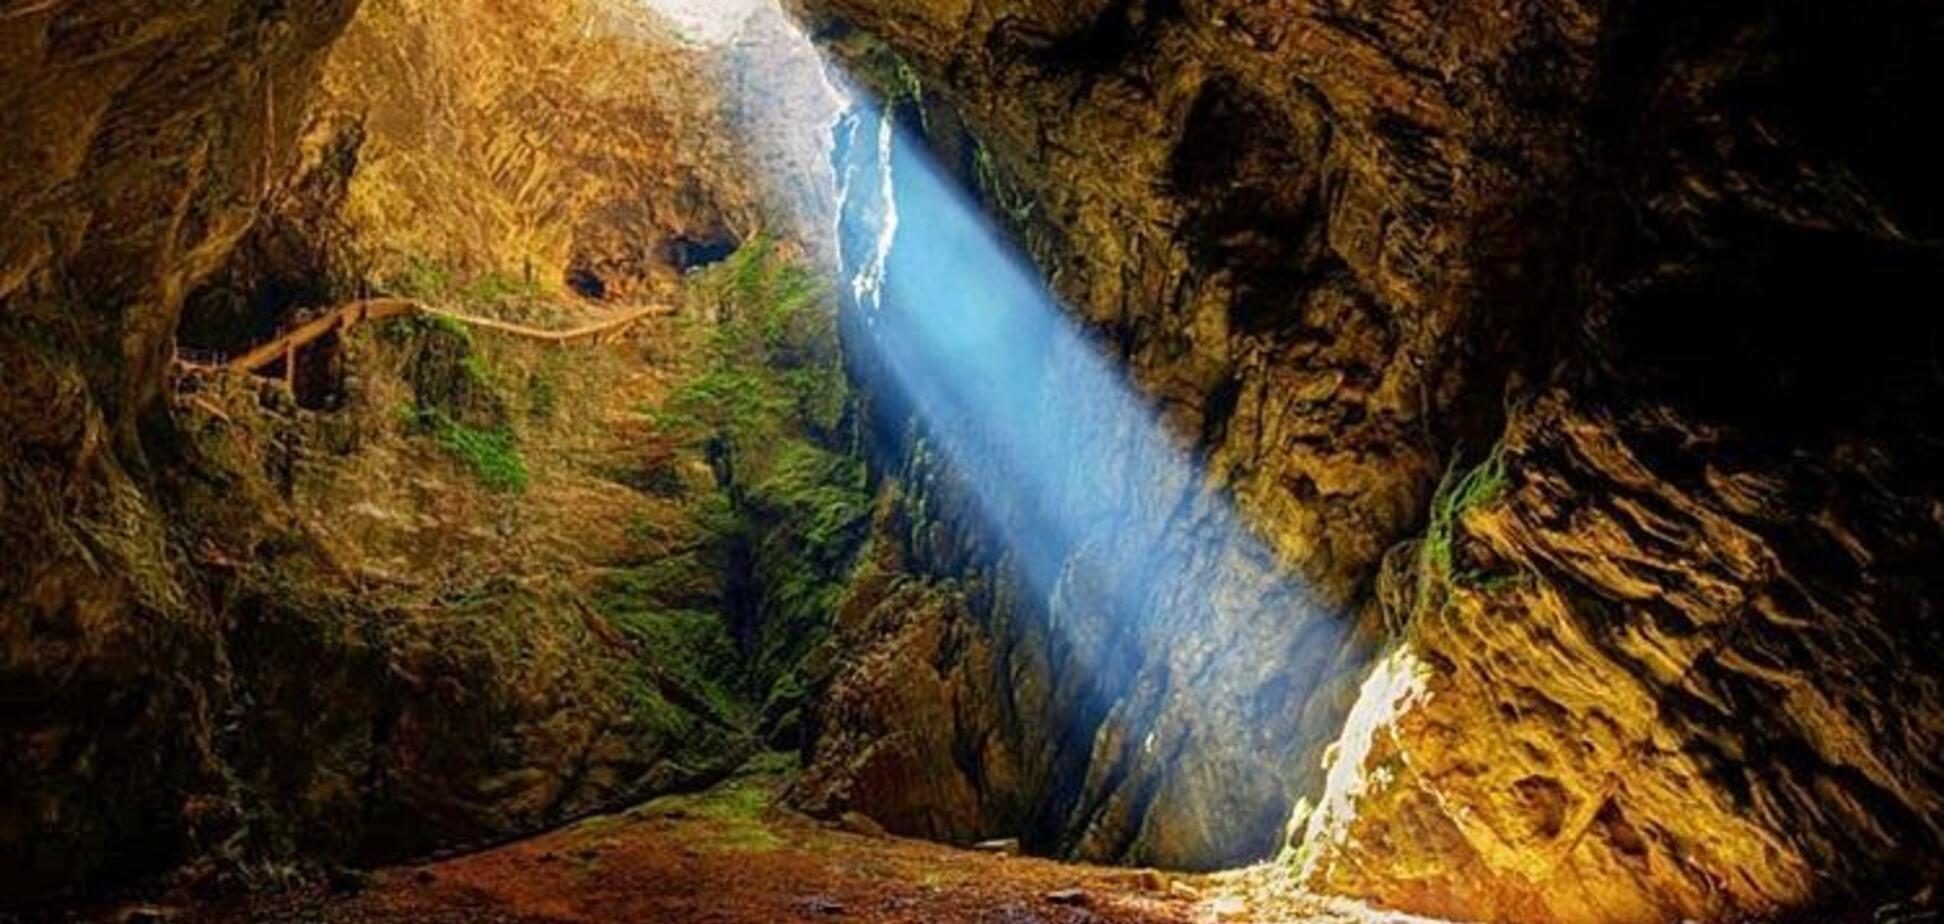 Вийшло на приманку: вчені виявили раніше невідому печерну істоту